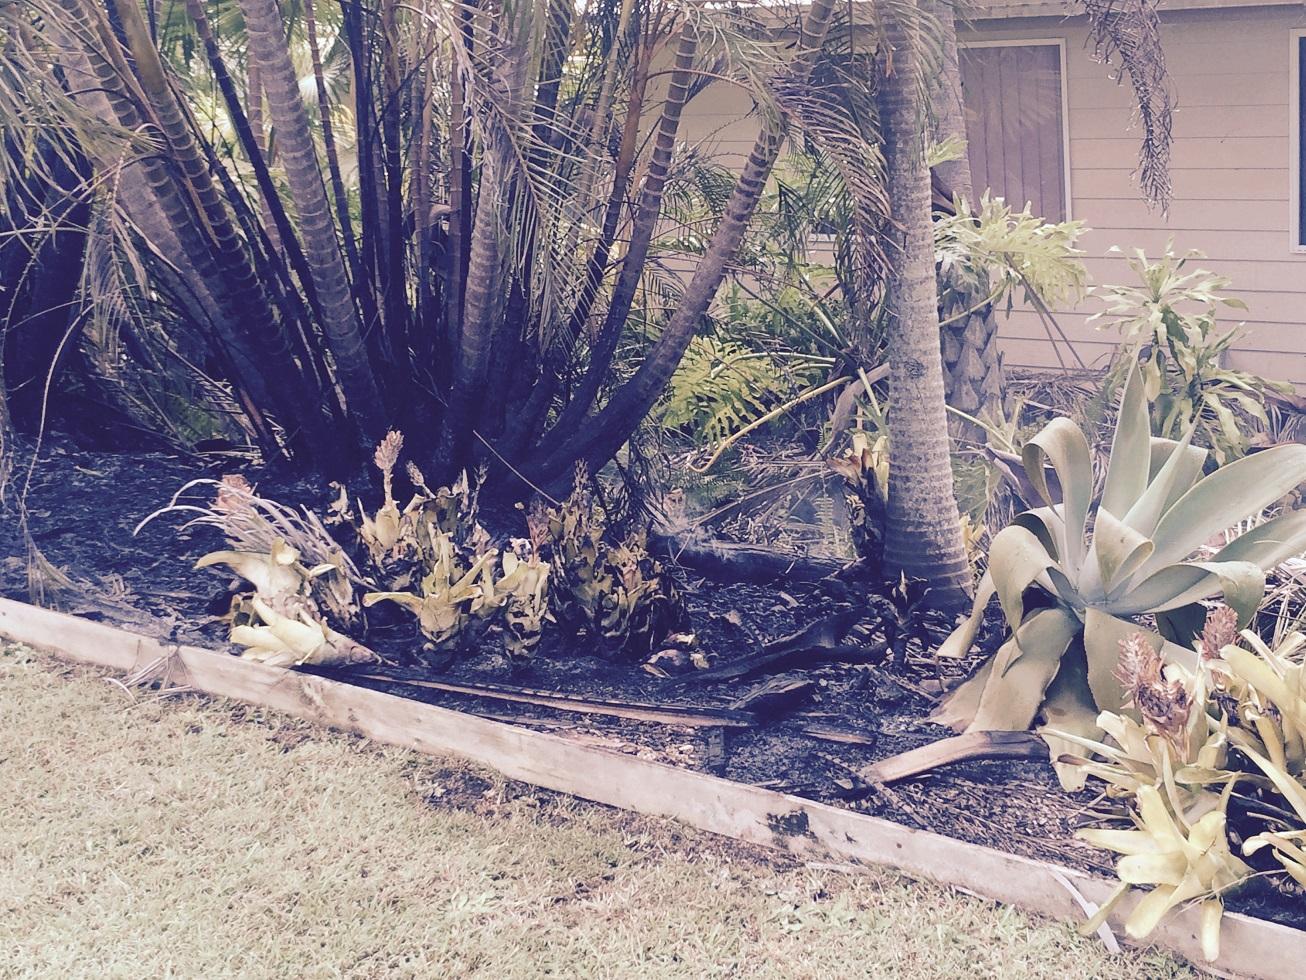 A garden damaged in an alleged arson attack at Beerwah